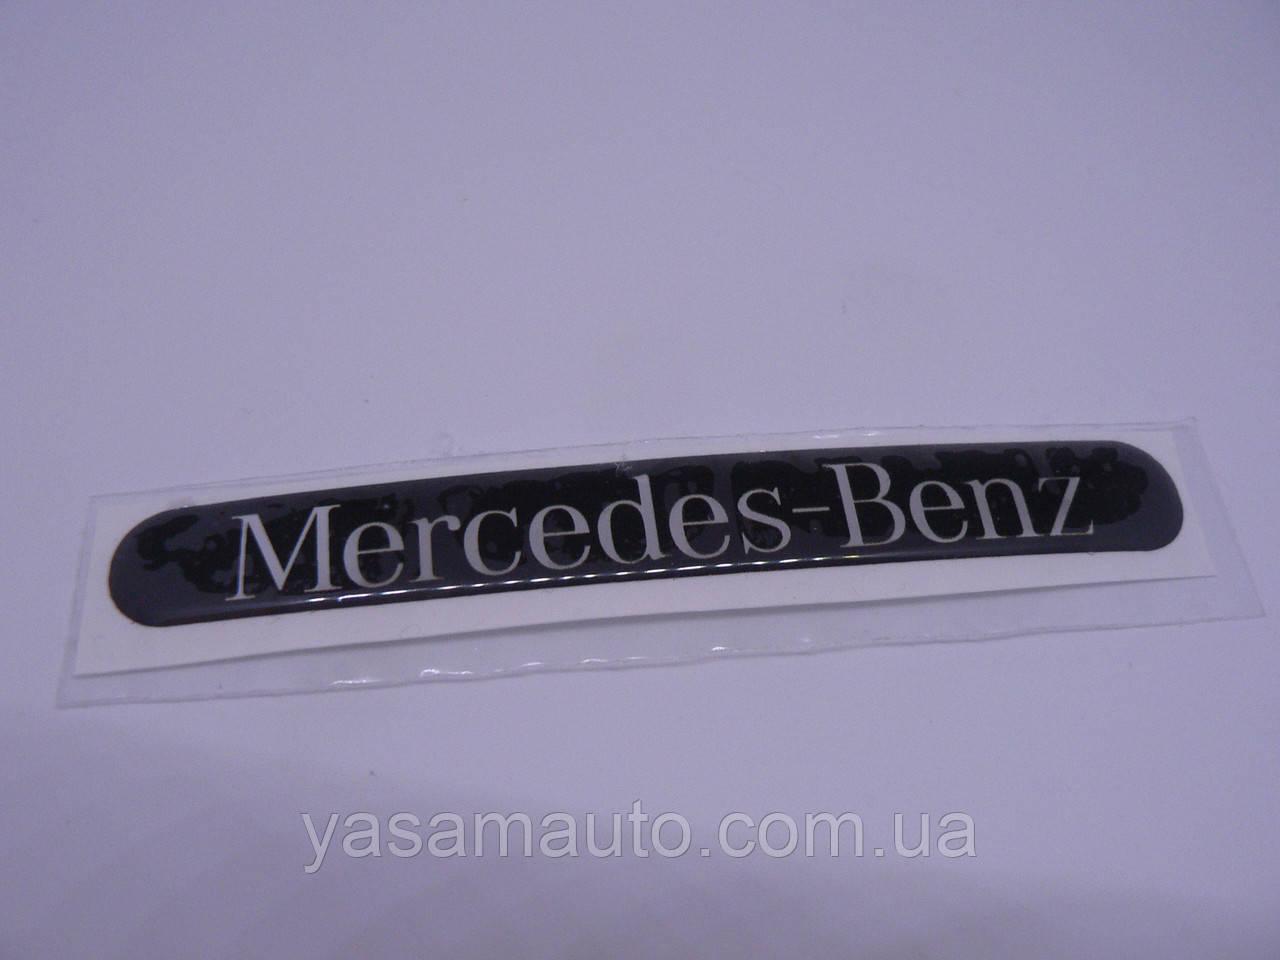 Наклейка s надпись Mercedes - Benz 109х14х1мм силиконовая на авто эмблема логотип Мерседес Бенц без эмблемы